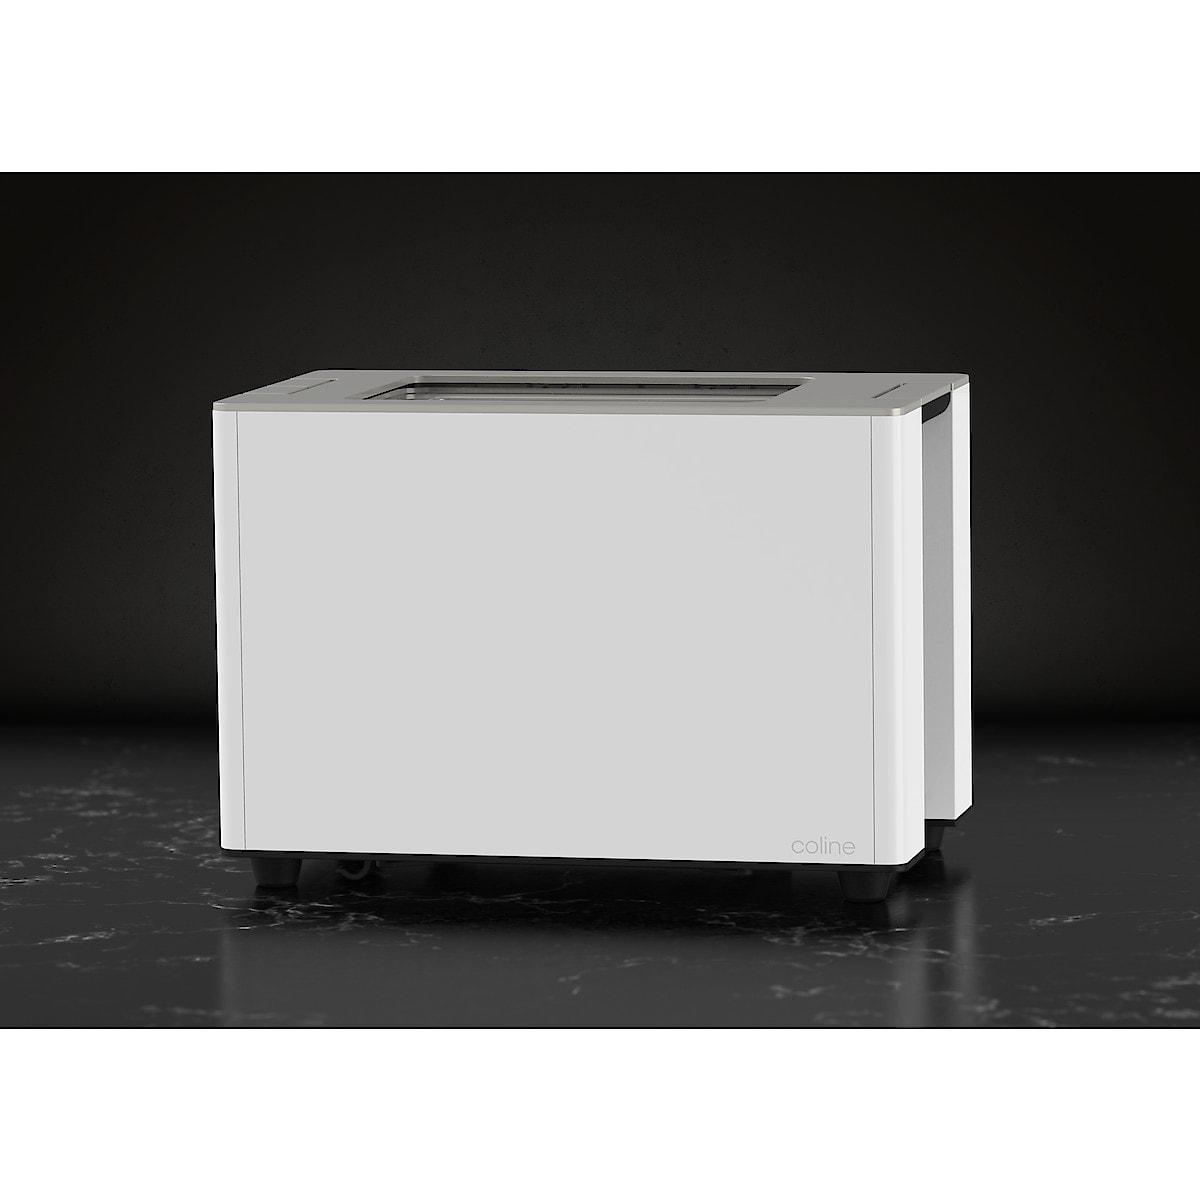 Coline 2-Slice Toaster